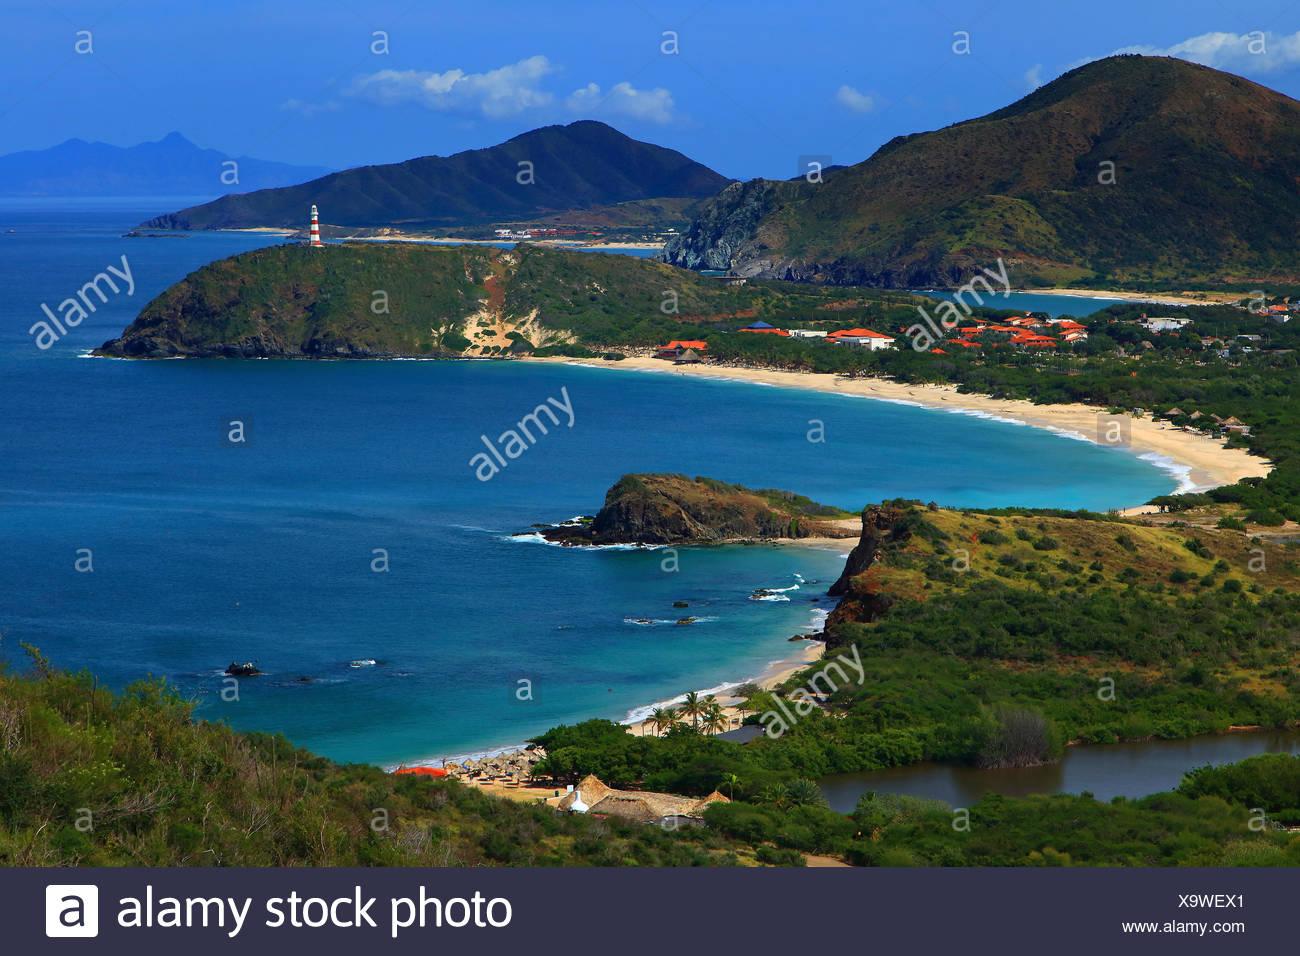 Venezuela Insel Margarita Punta Von Zaragoza Leuchtturm Playa